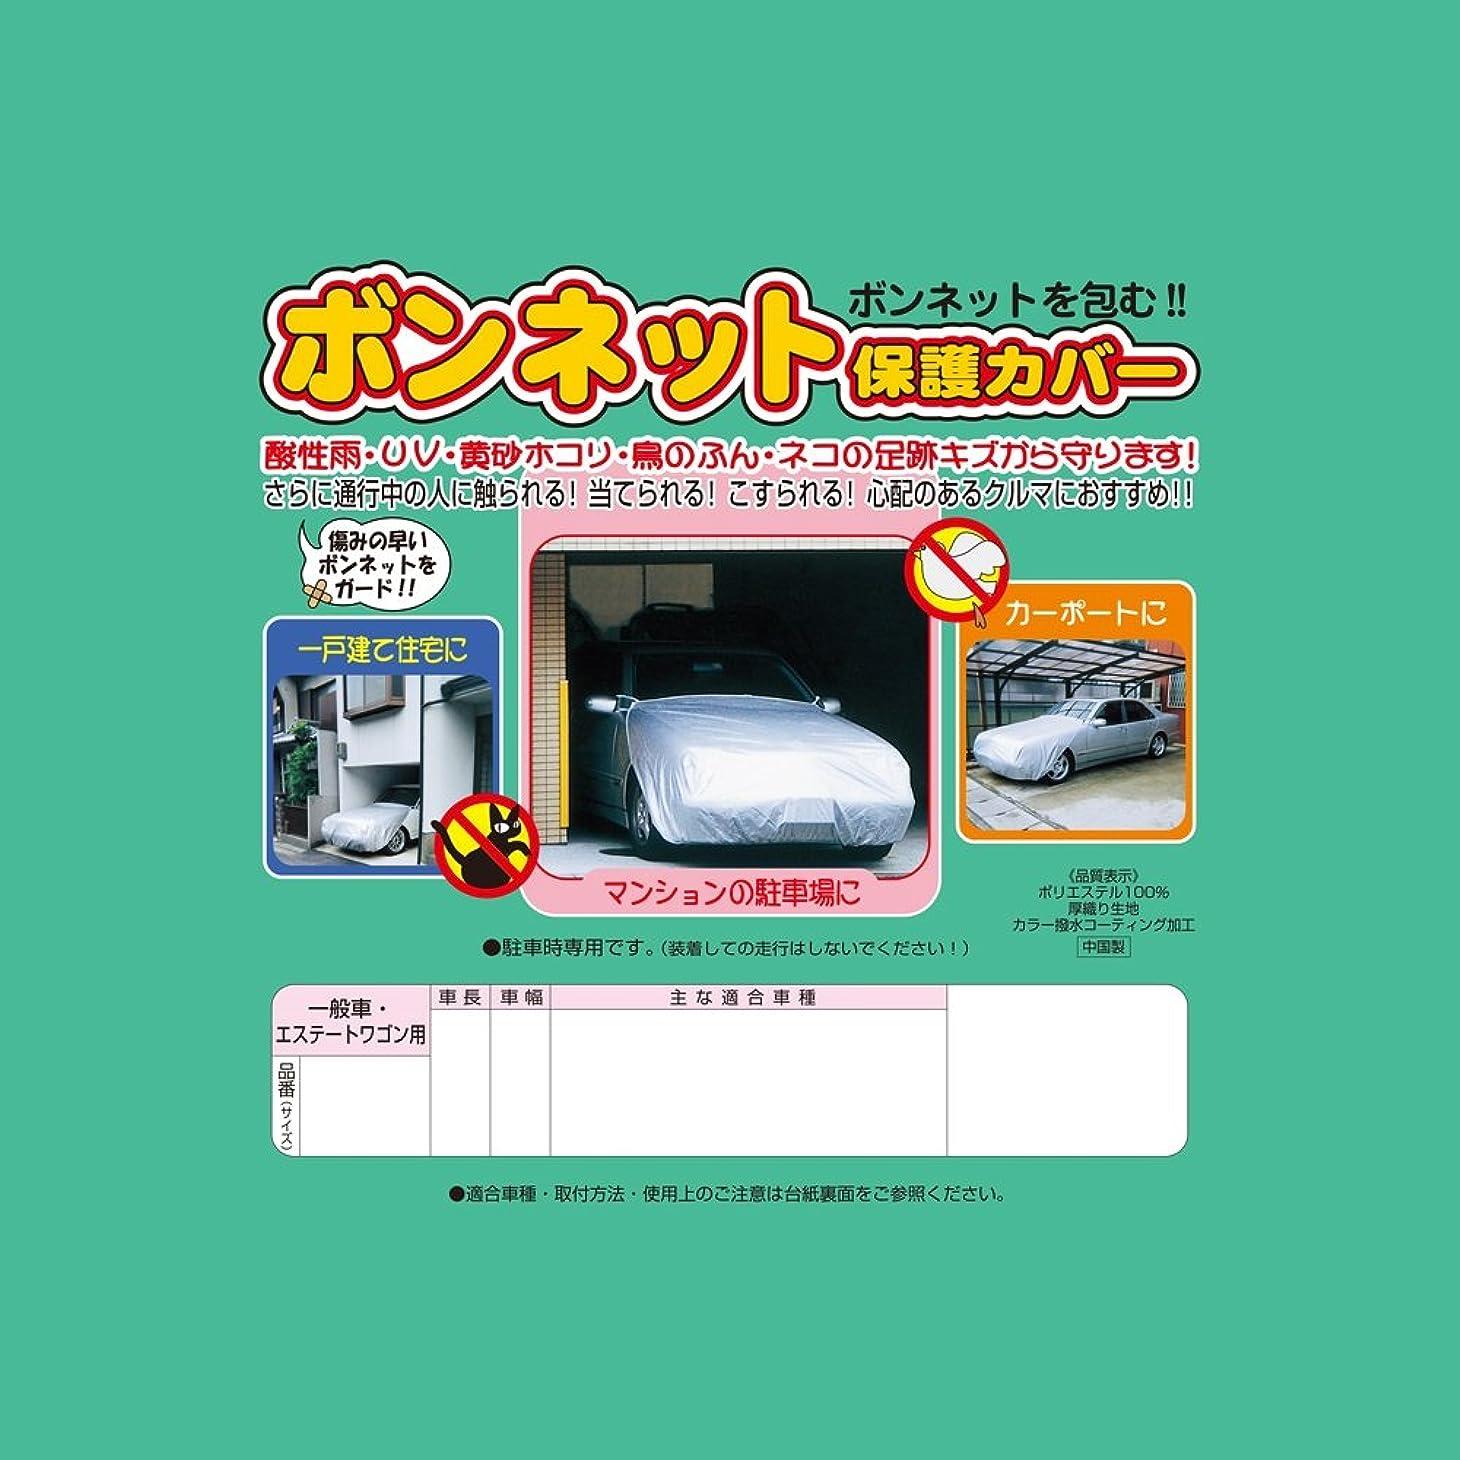 散らす霧アラデン ボンネット保護カバー 適合目安:車長4.51m~4.95m/車幅1.65m~1.85m 一般車 BC1